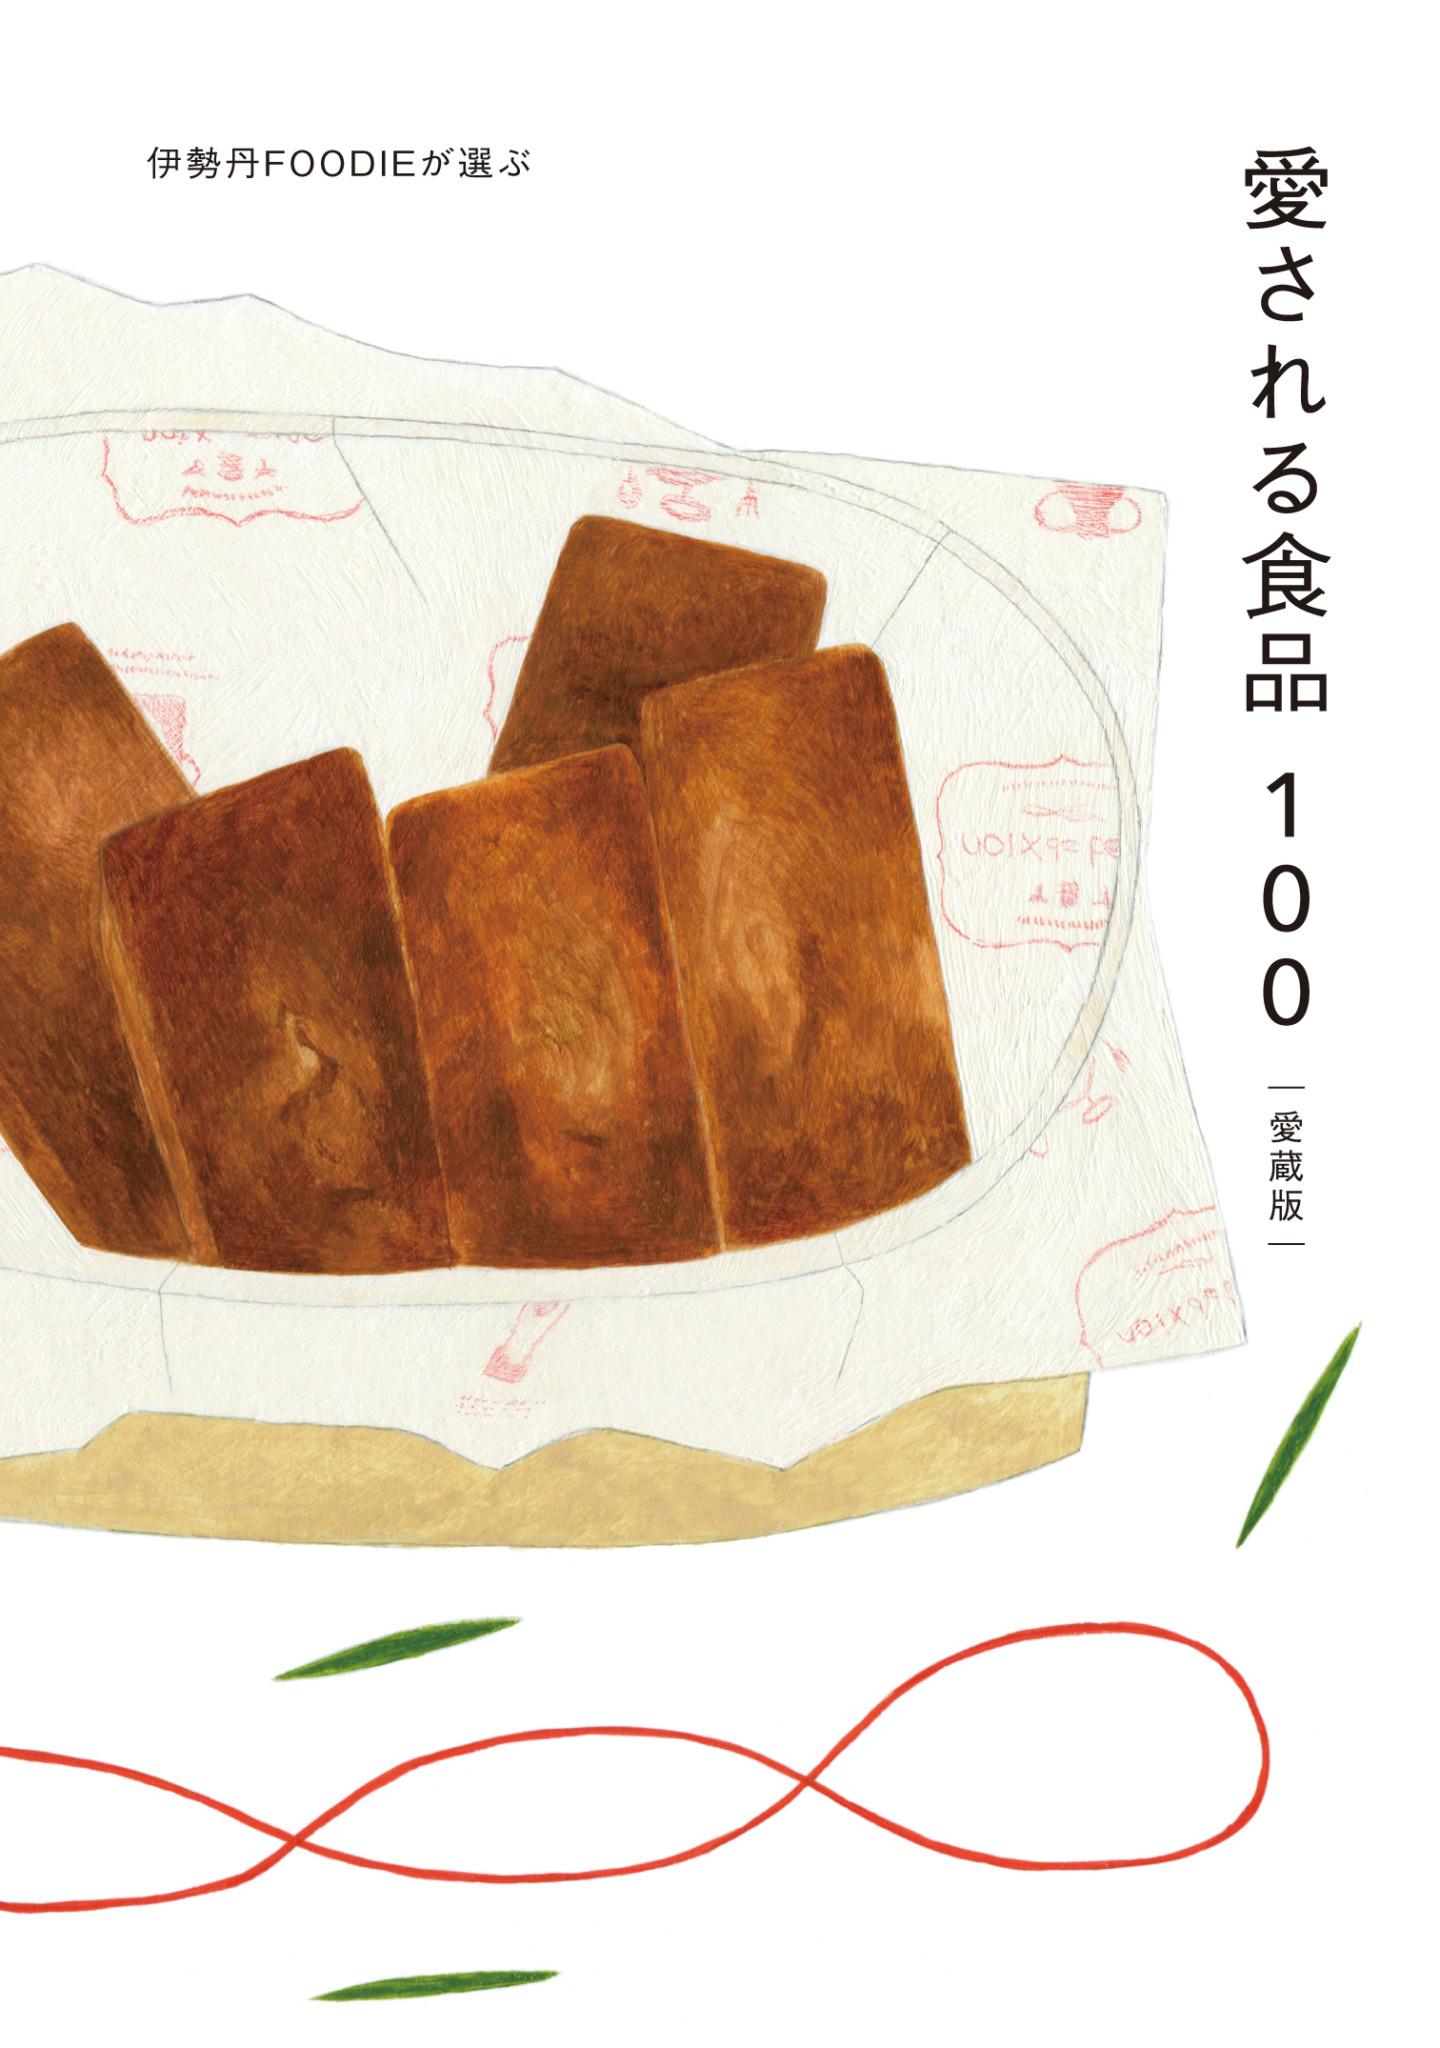 伊勢丹FOODIEが選ぶ 愛される食品100